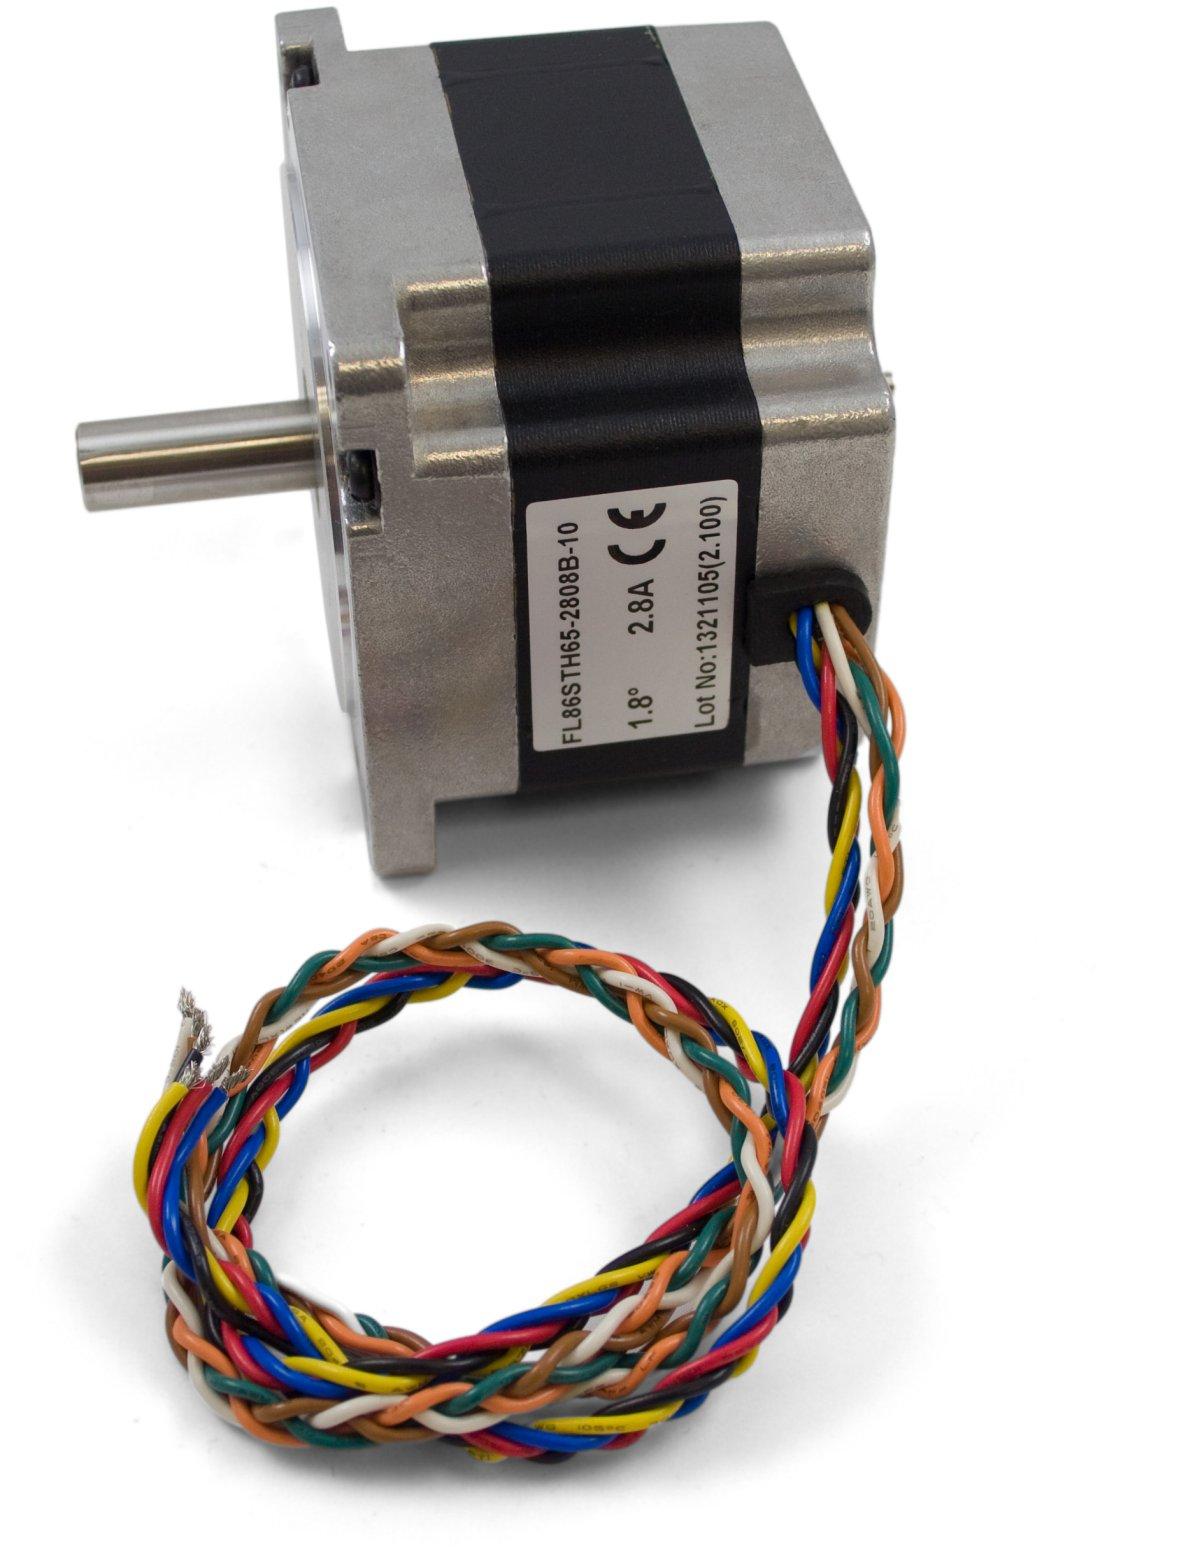 86sth65 nema 34 bipolar gearless stepper 3335 0 at phidgets for Nema 34 stepper motor mount